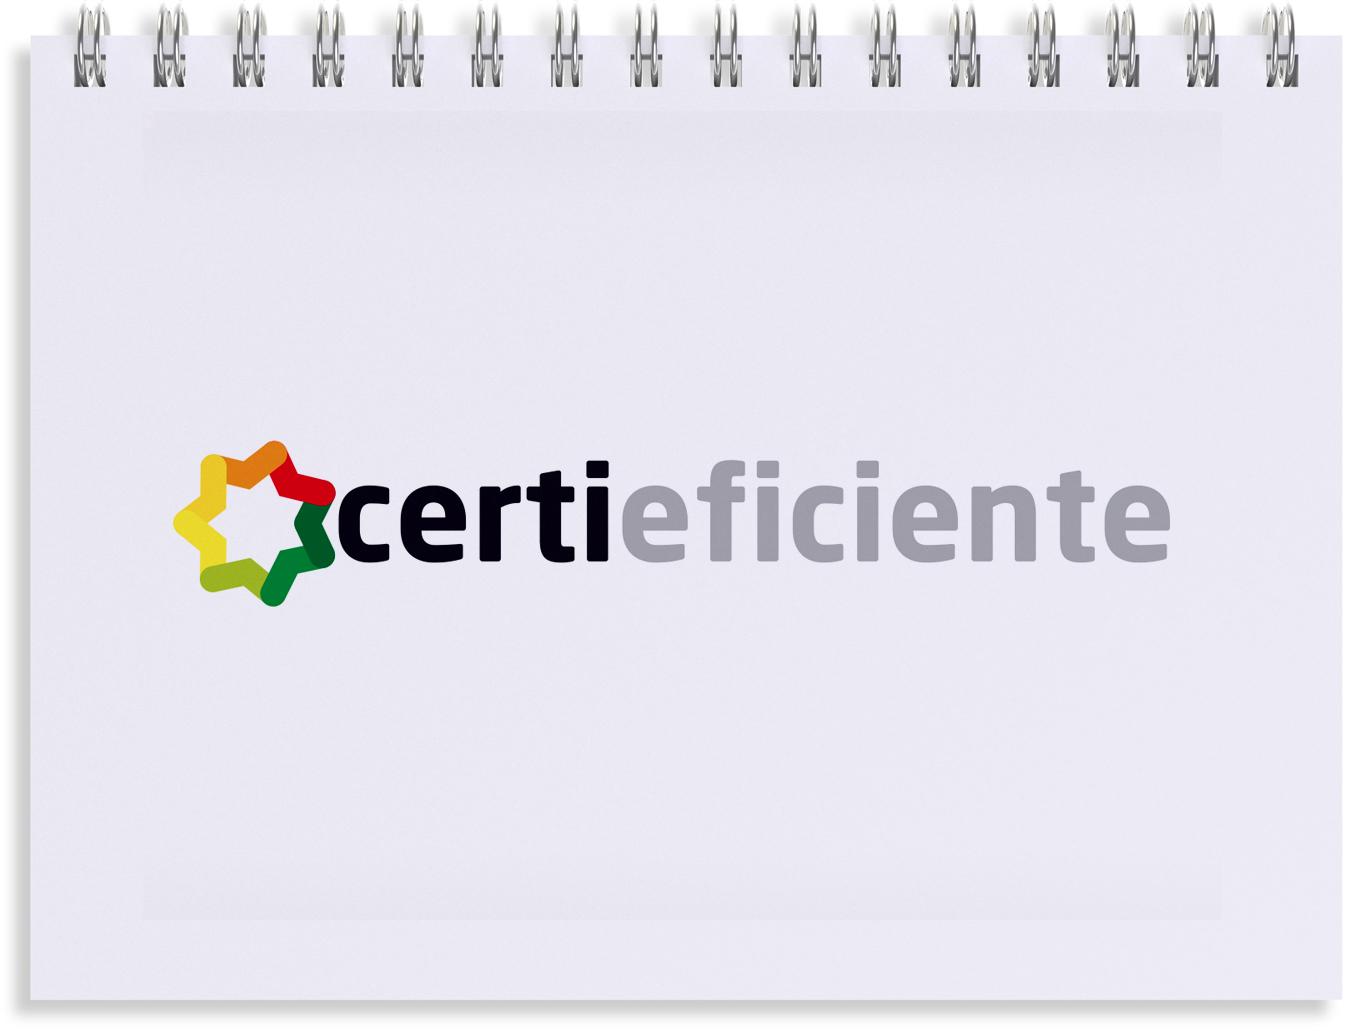 certieficiente.